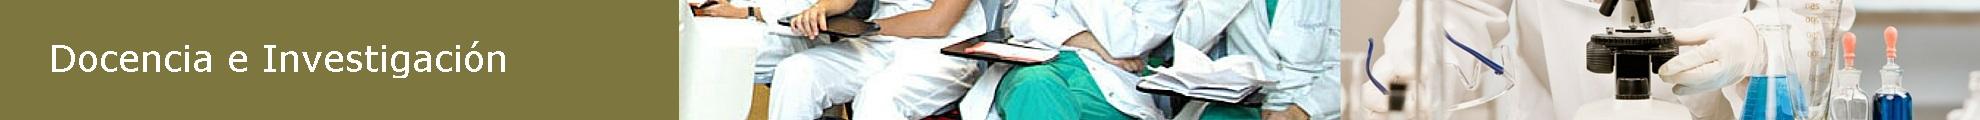 docencia e investigacion